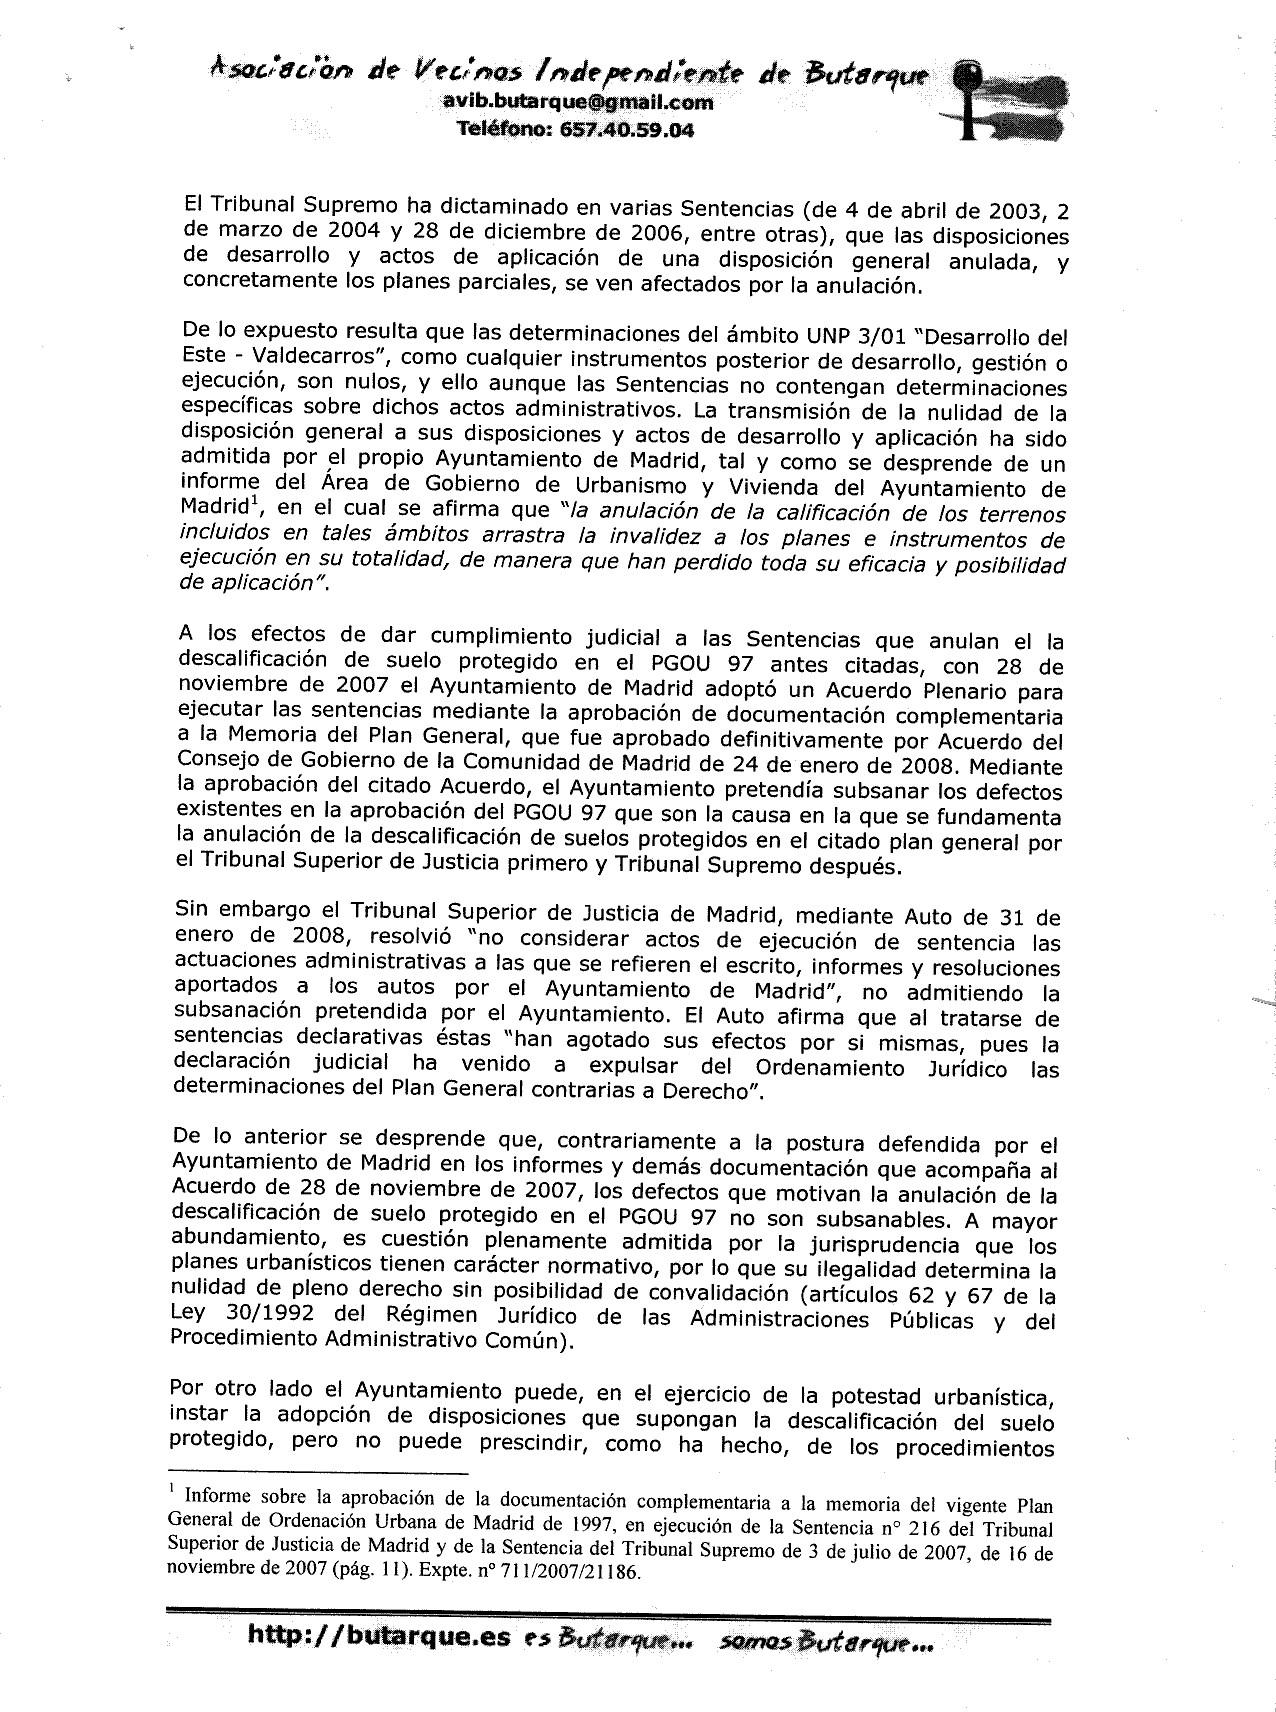 Recurso_aprobacion_Valdecarros-3.jpg